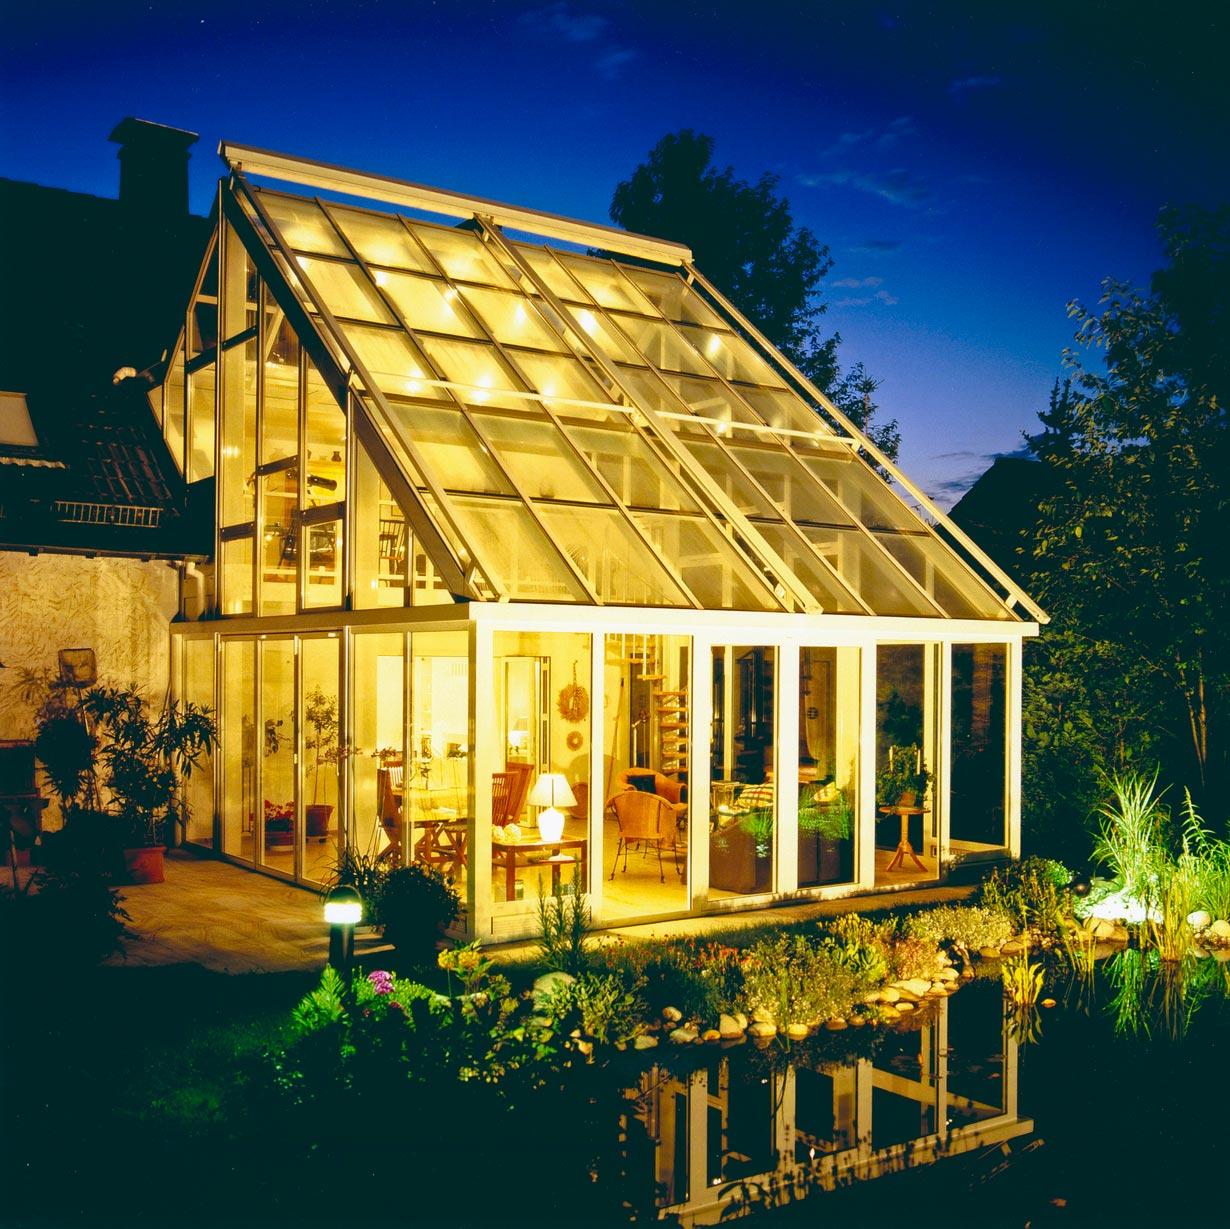 Wintergarten Zweistöckig glashaus oder wintergarten hausidee dehausidee de